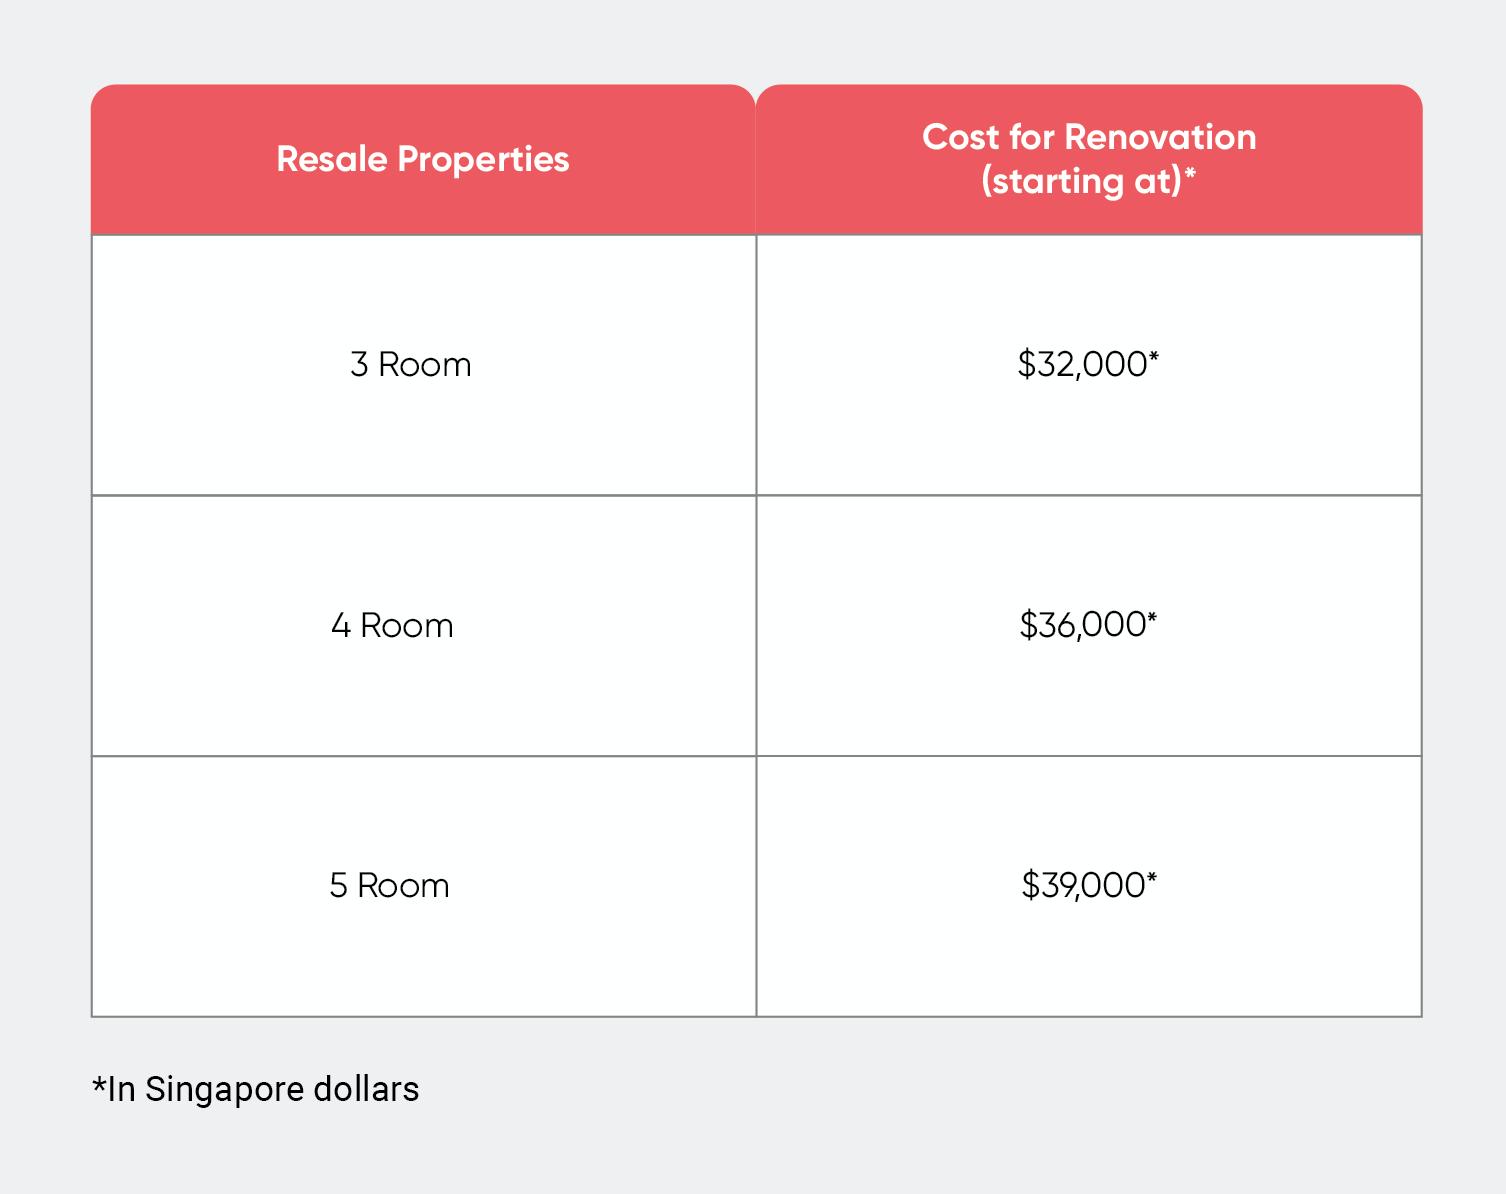 renovation-costs-2020-resale-properties